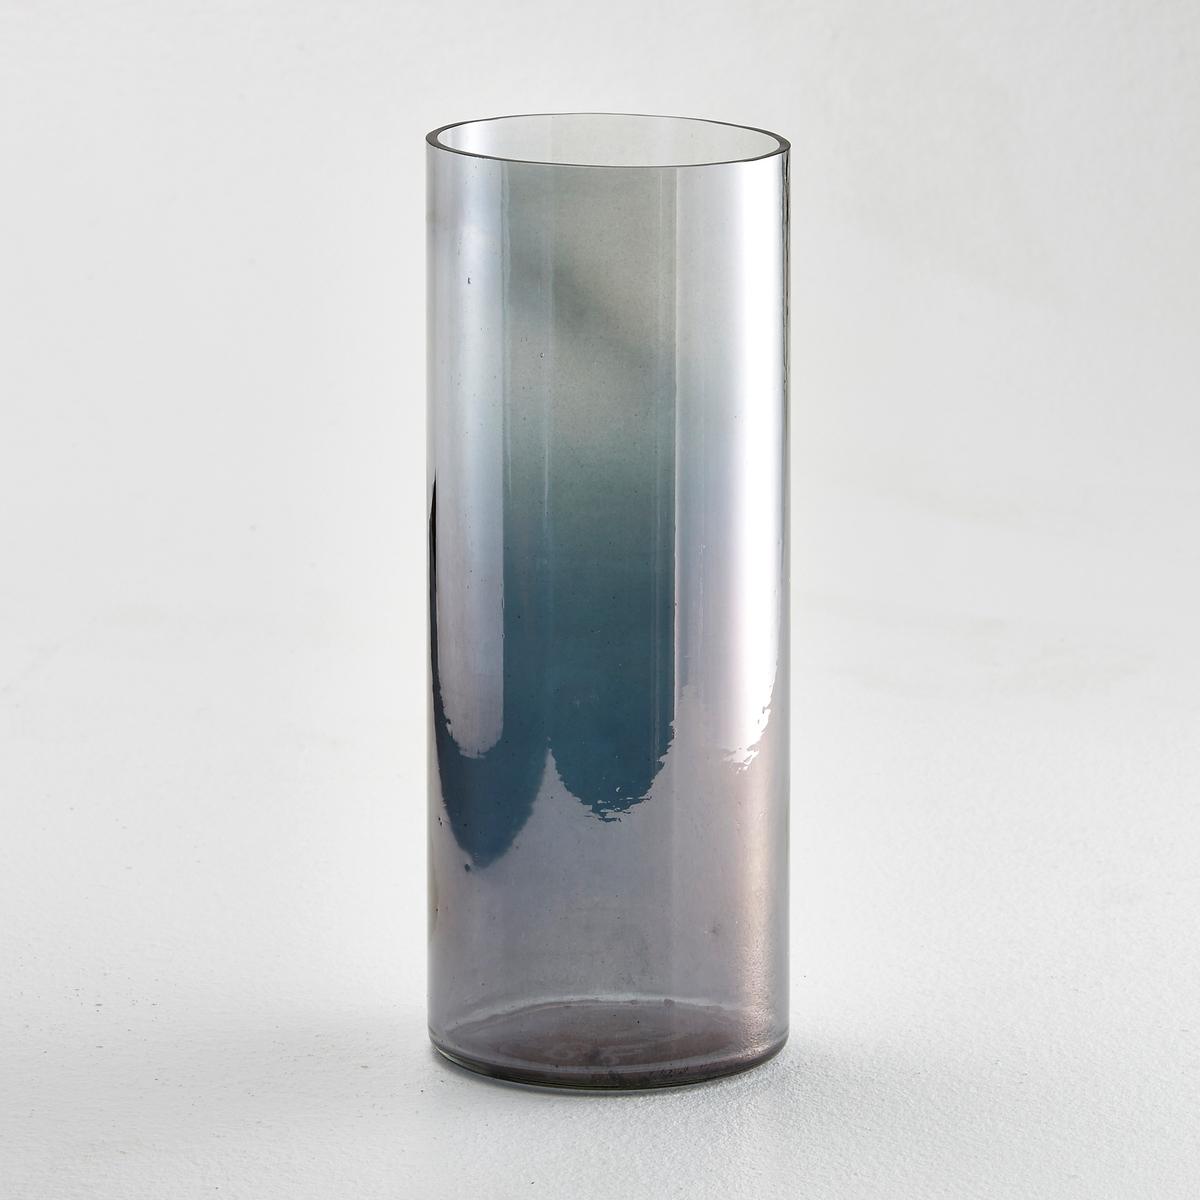 Ваза декоративная, GradaХарактеристики вазы Grada :Ваза из градиентного стекла. 2 варианта расцветки : янтарная и серая.4 защитные наклейки снизу.Размеры вазы Grada :Высота : 25 смДиаметр : 10 смДругие формы и расцветки вы найдёте на laredoute.ru<br><br>Цвет: серый,янтарь<br>Размер: единый размер